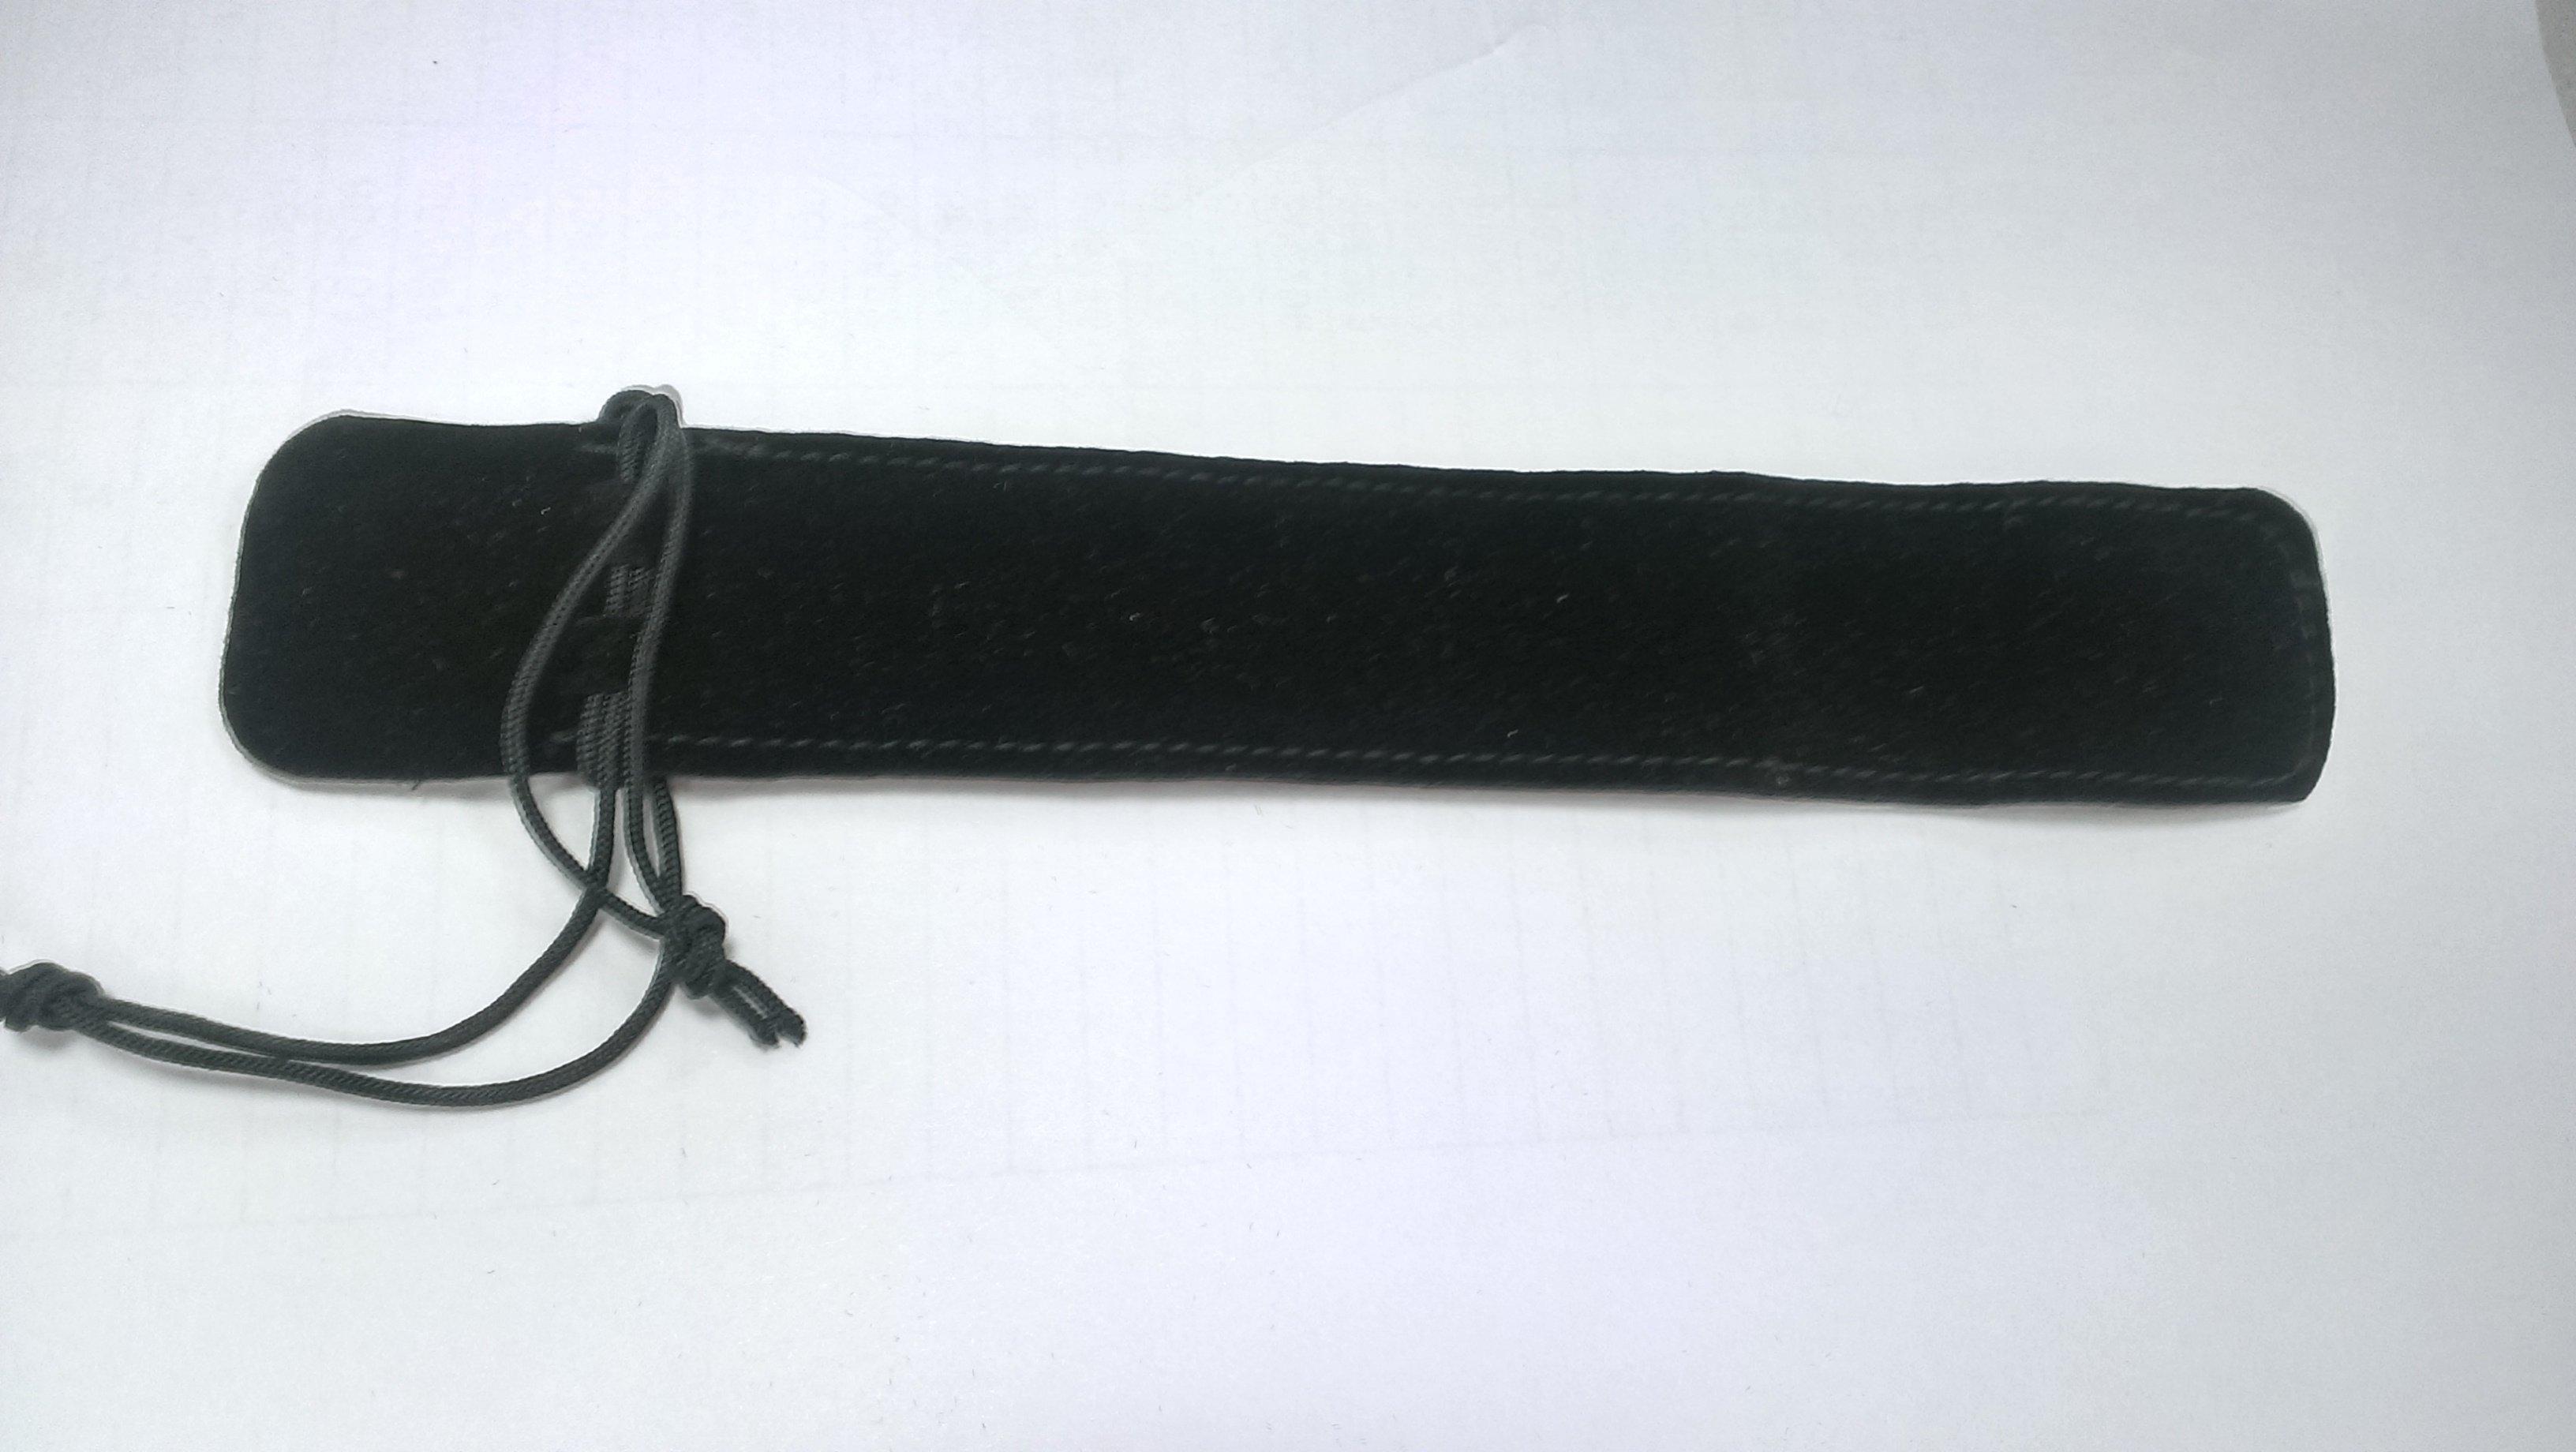 水晶筆 雙面絨布套筆袋 筆套~黑色束袋( 施華洛世奇swarovski 的水晶筆) 賣筆芯